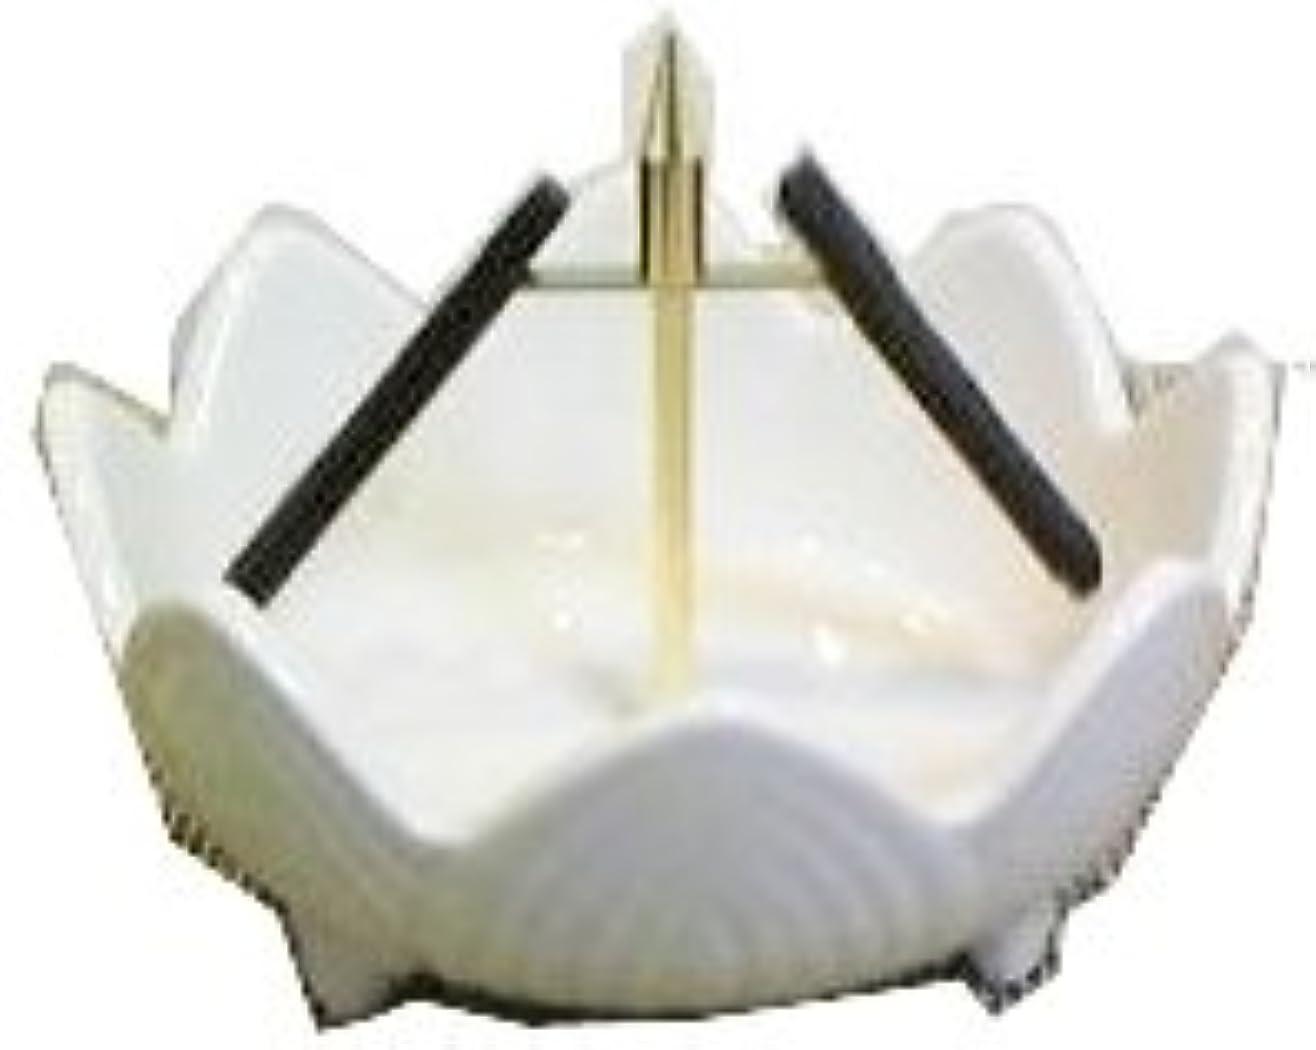 湖飲料湖天空高級香蓮 渦巻き線香 うずまき 巻き線香 乗せる台 渦巻き線香台 香炉 安全糸無しタイプ 渦巻き線香皿 #842